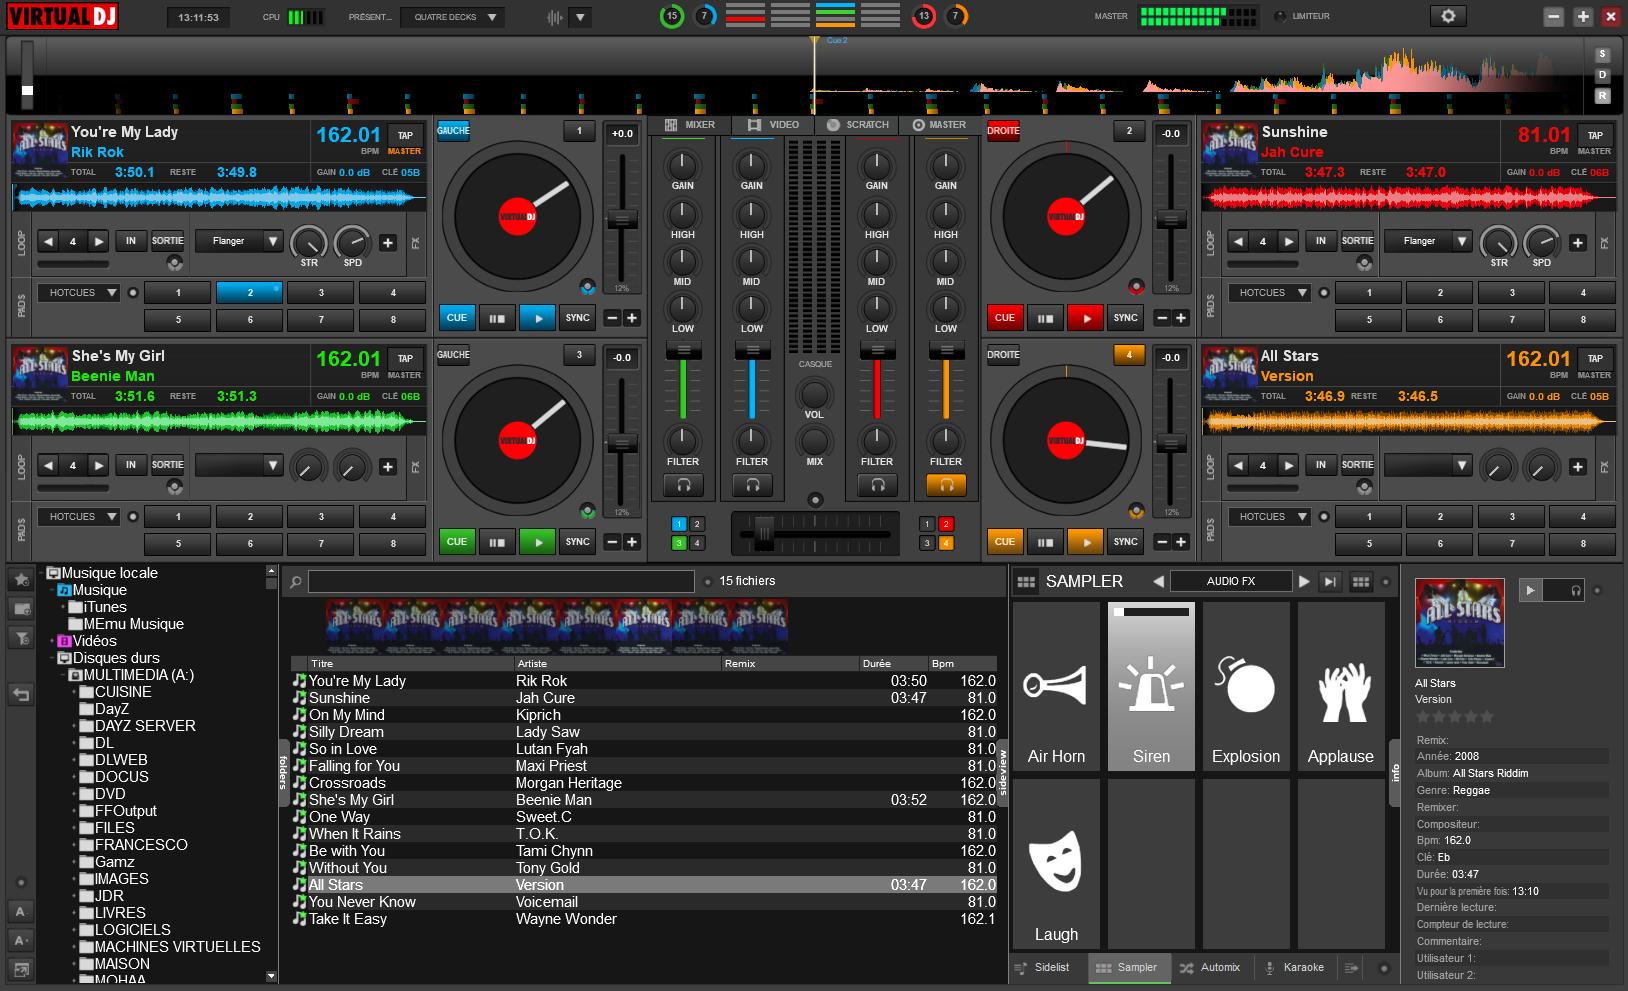 SUR CLUBIC TÉLÉCHARGER DJ VIRTUAL 2011